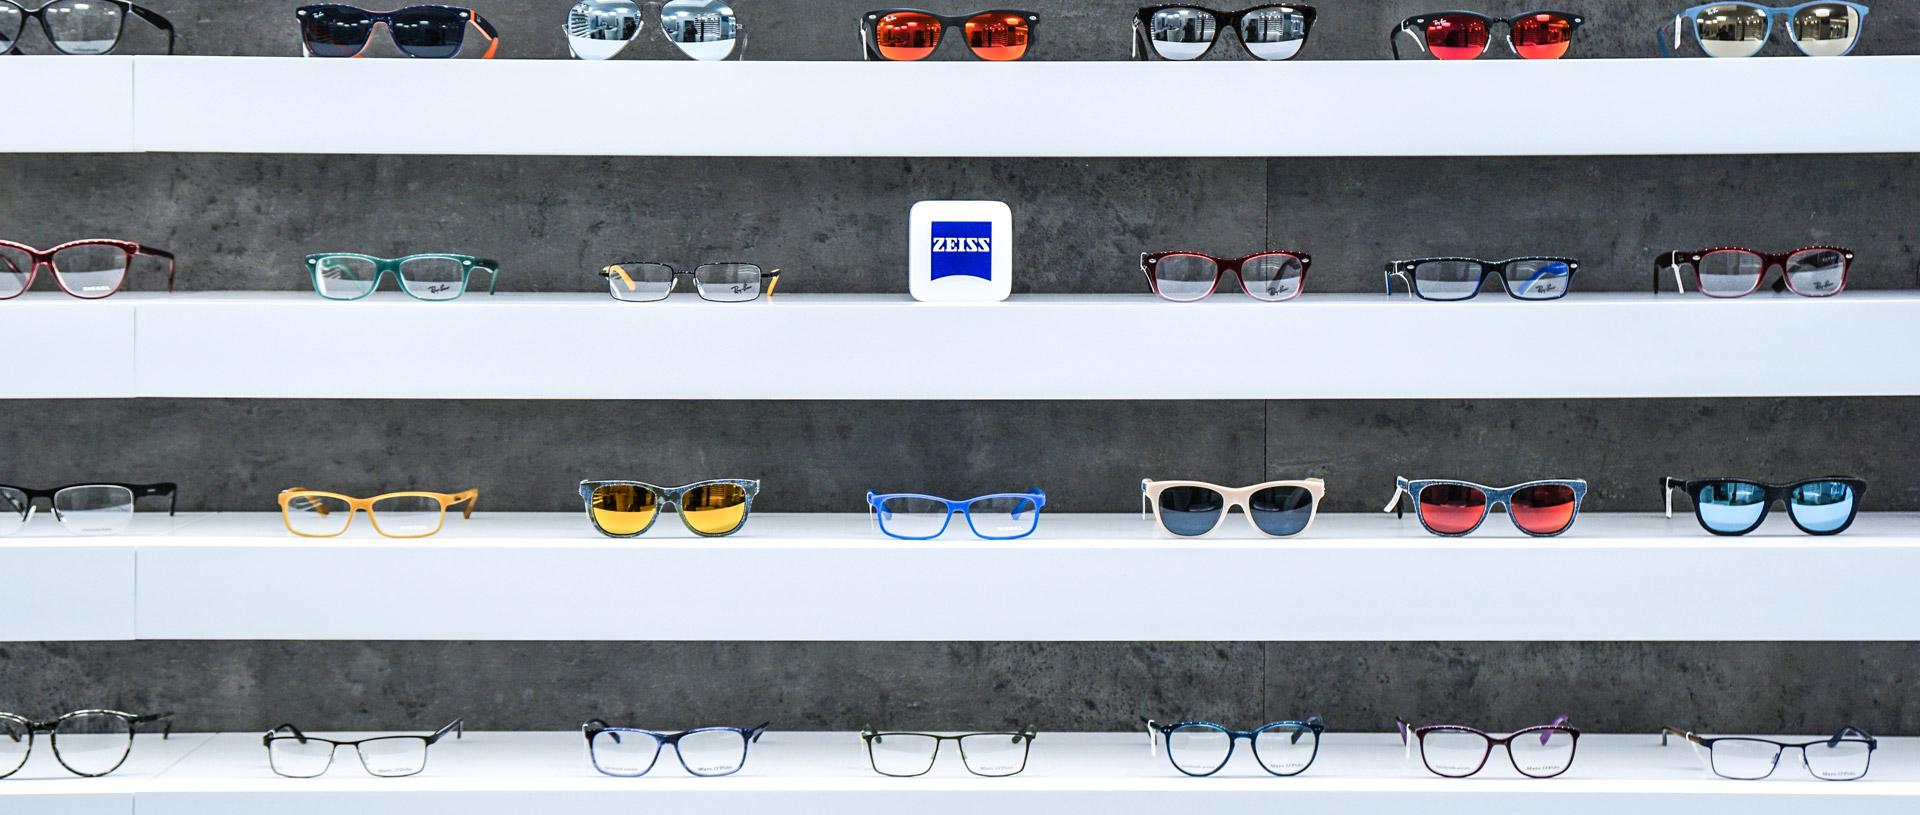 Lösche Optik Beitragsbild Brillengläser